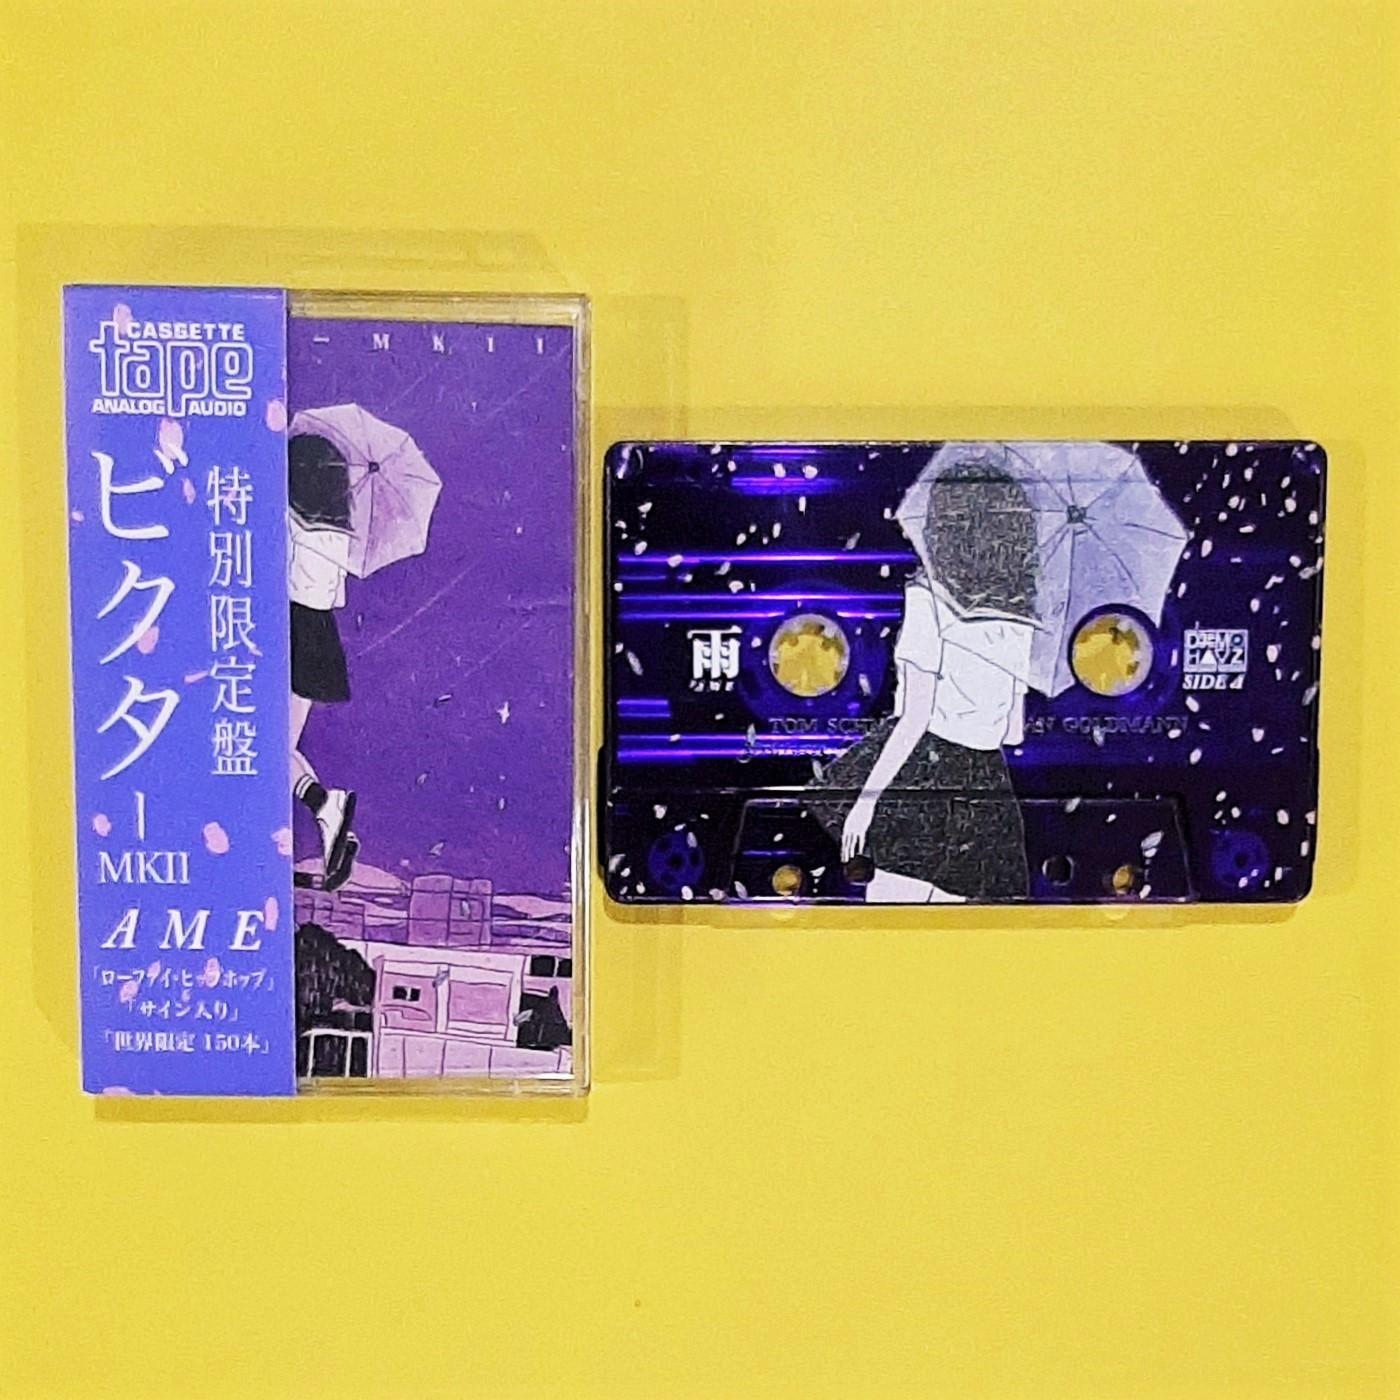 ビクター MKII - 雨 Ame (Demohauz Records)